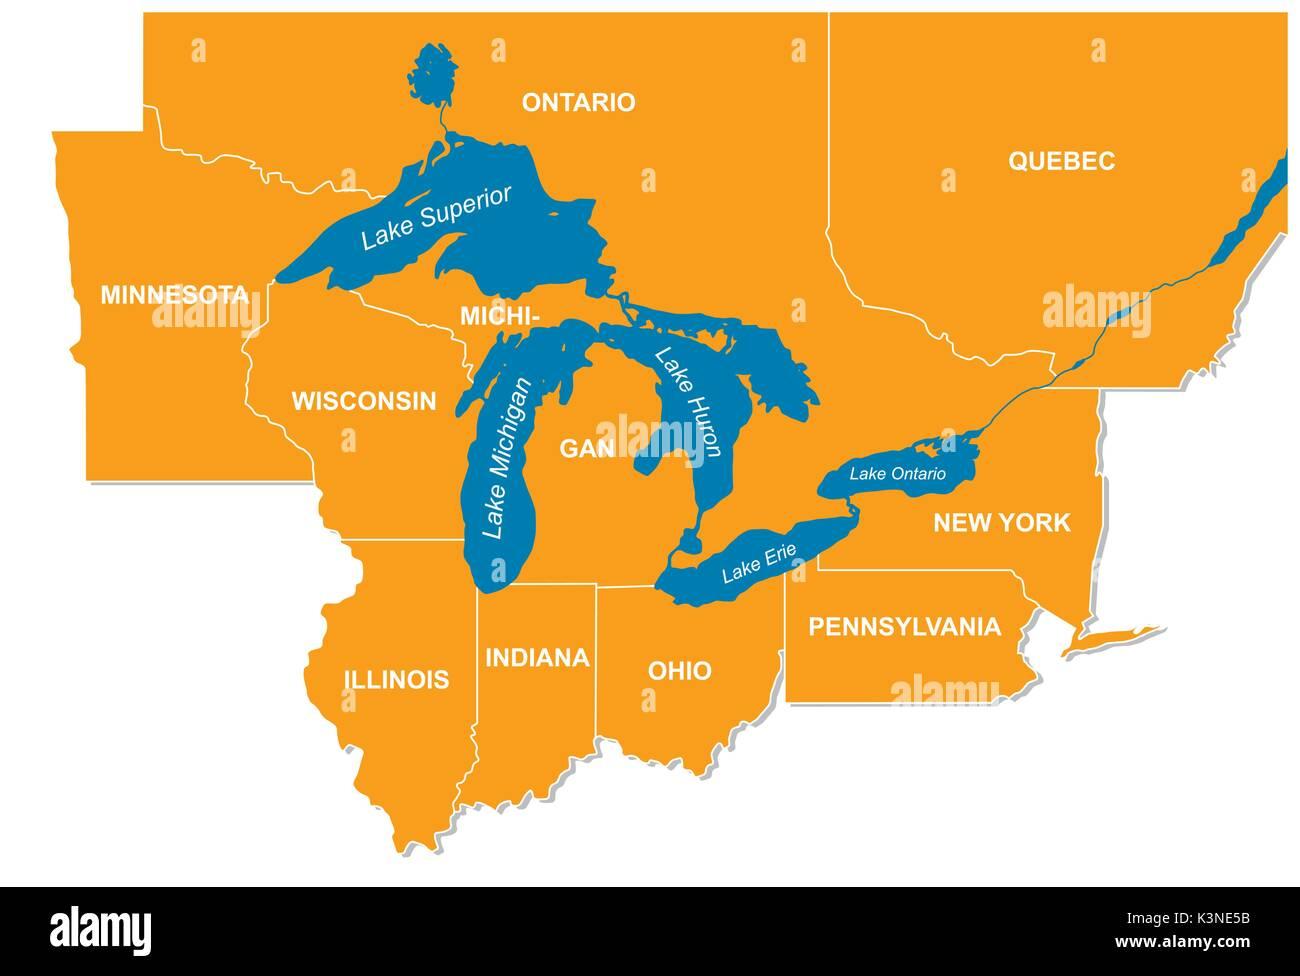 Quebec Map Vector Stock Photos Amp Quebec Map Vector Stock